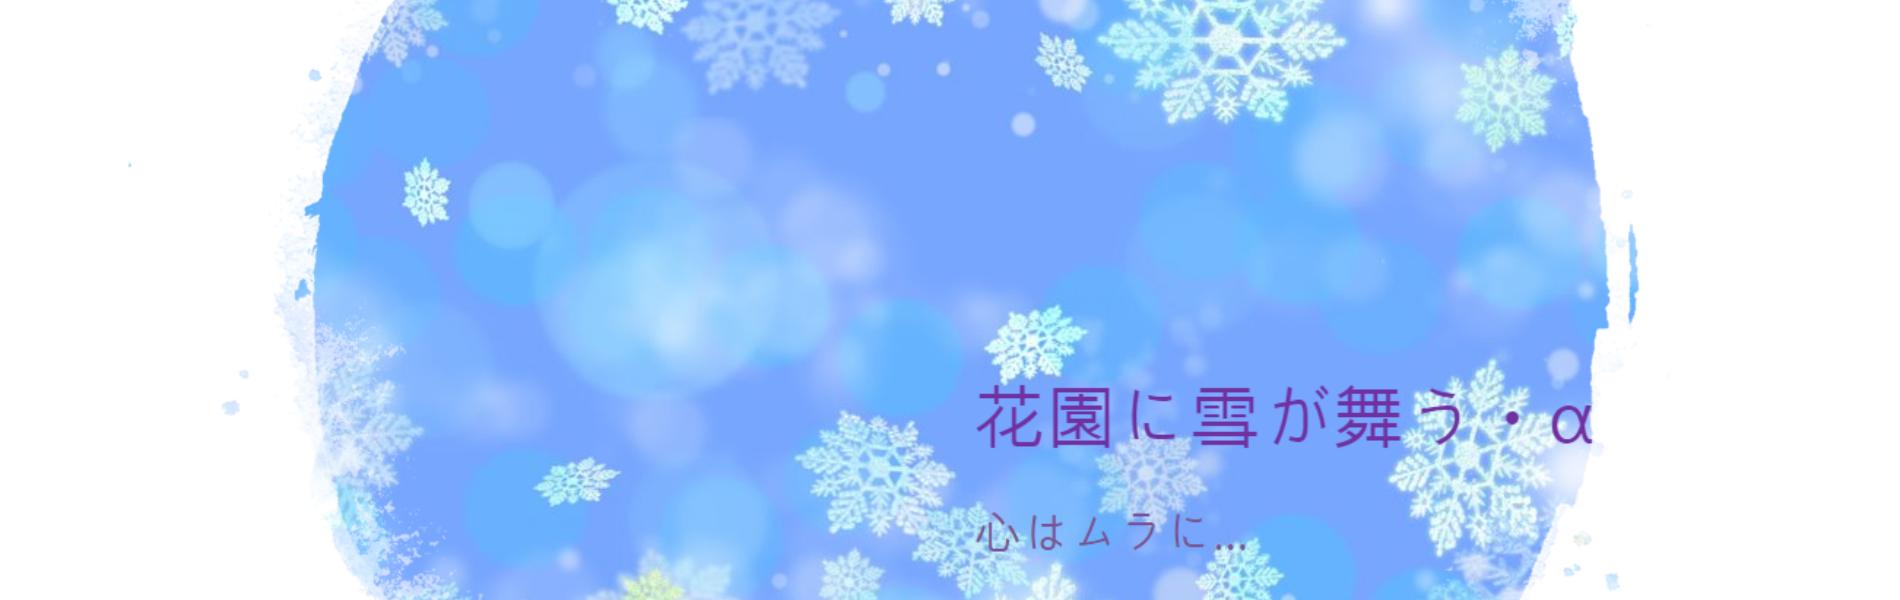 花園に雪が舞う・α